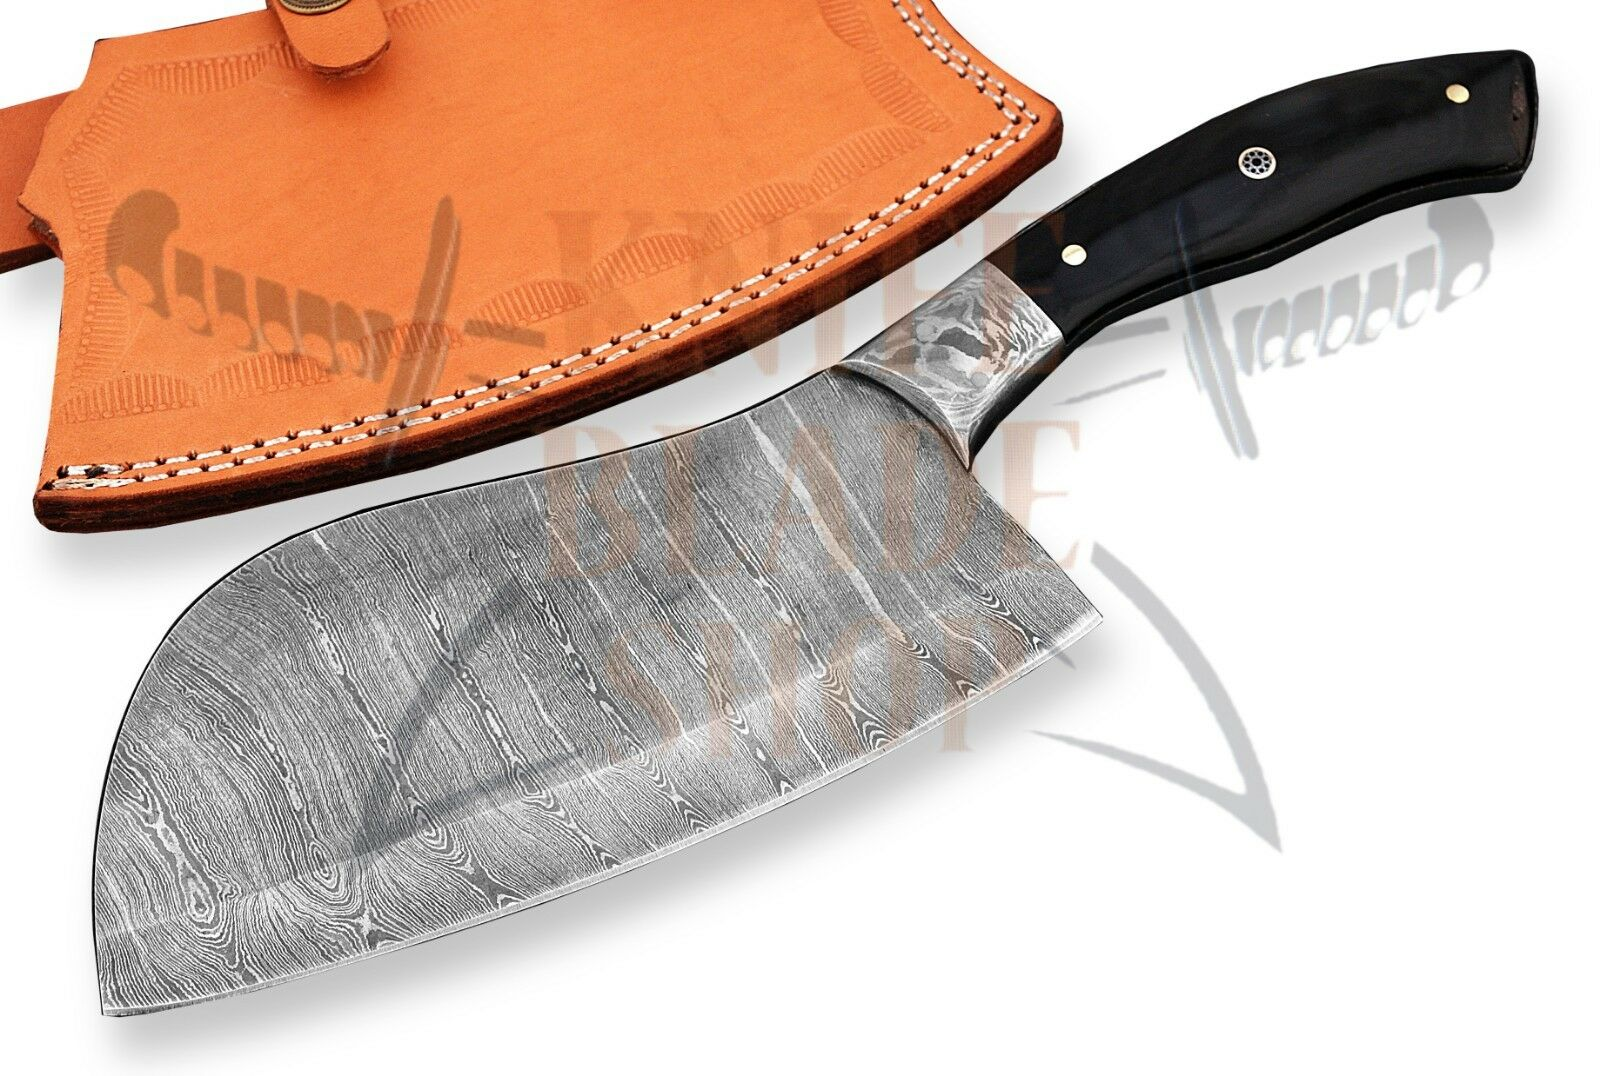 DAMAS LAME ACIER PROFESSIONNEL COUPERET couteau de cuisine Buffalo hommeche corne